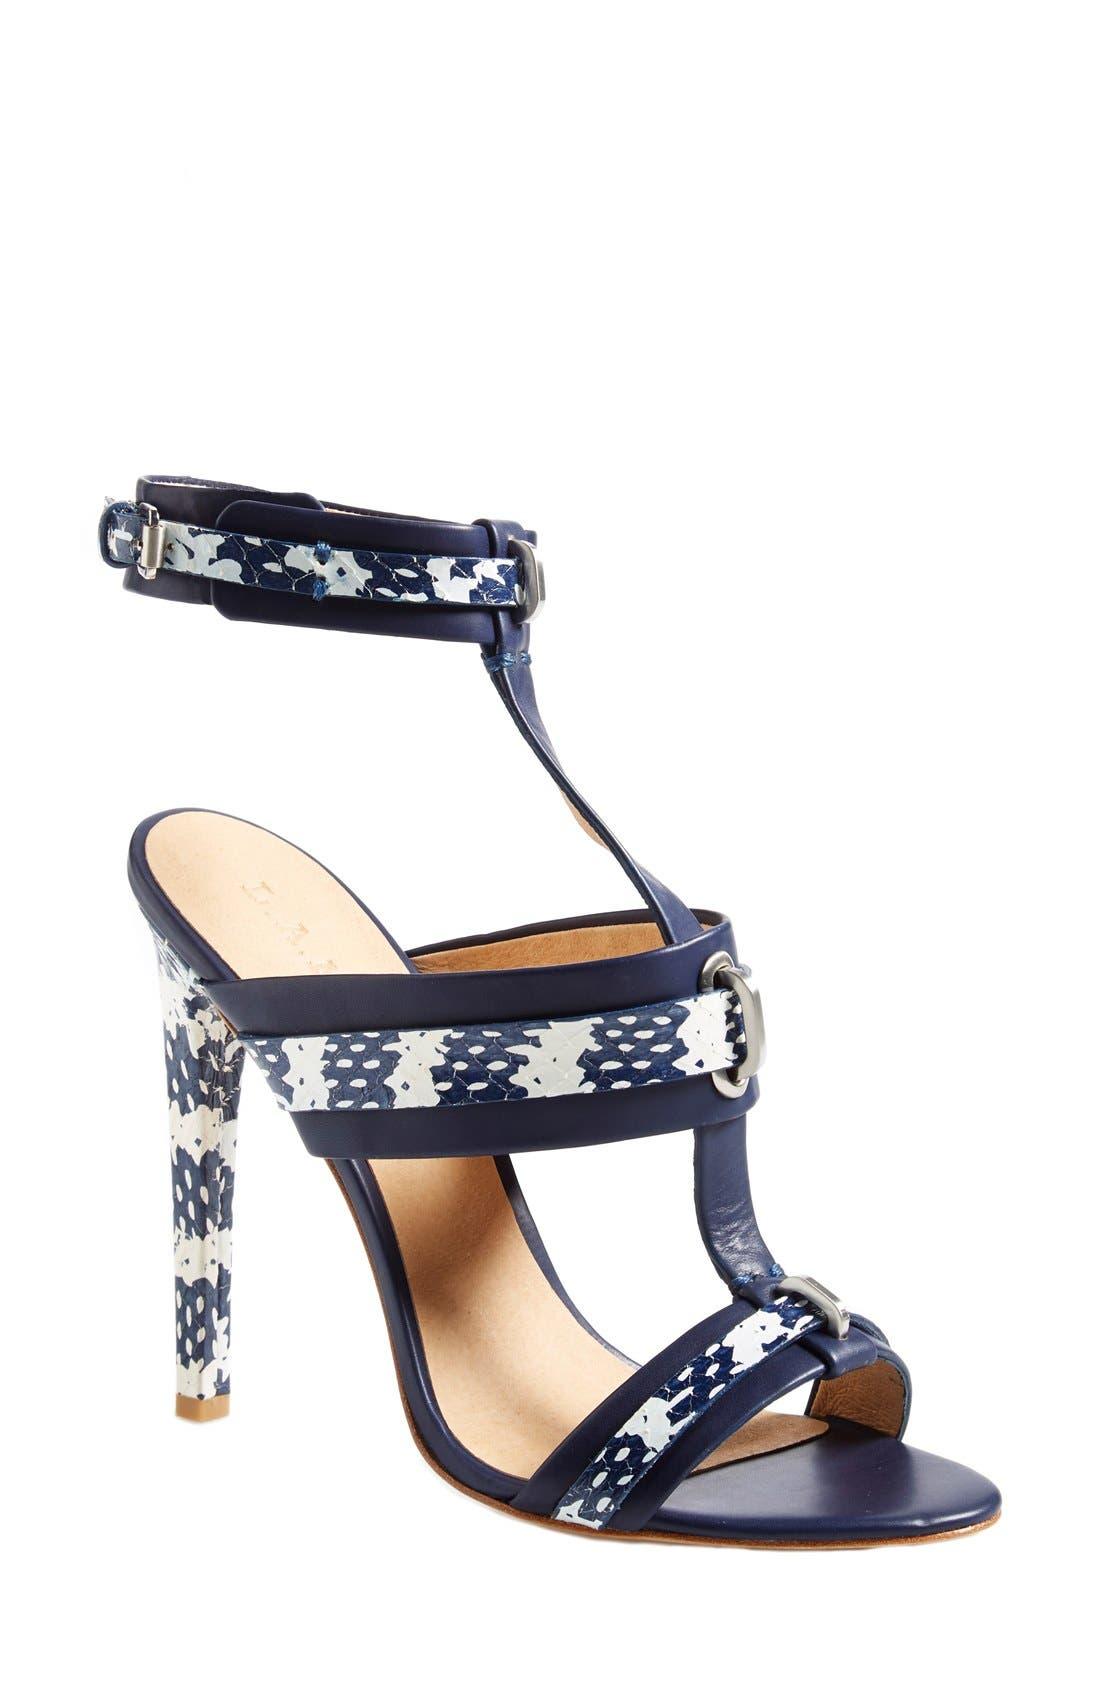 Alternate Image 1 Selected - L.A.M.B. 'Bradley' T-Strap Sandal (Women)